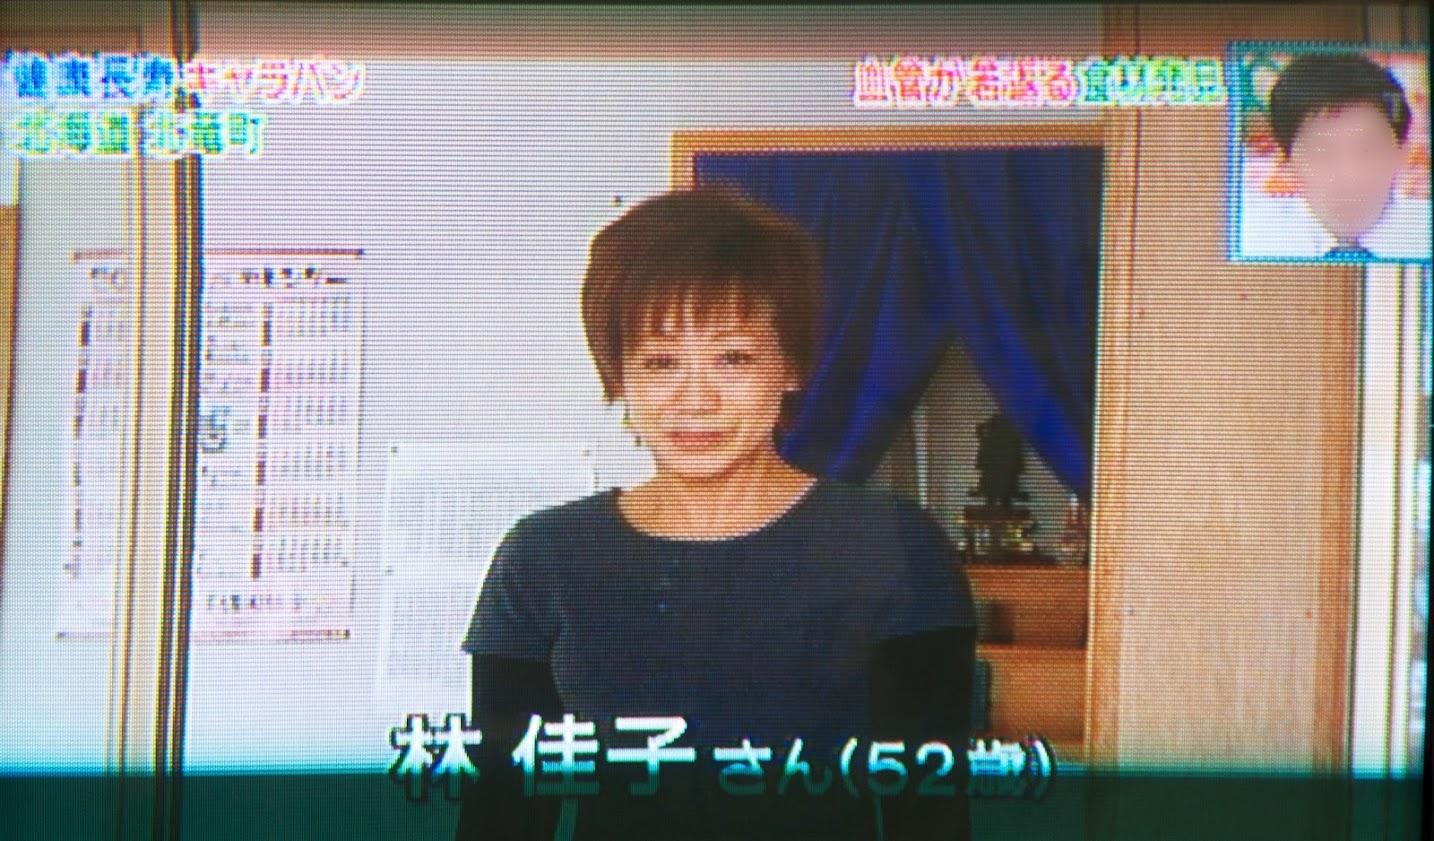 林佳子さん(52歳)宅